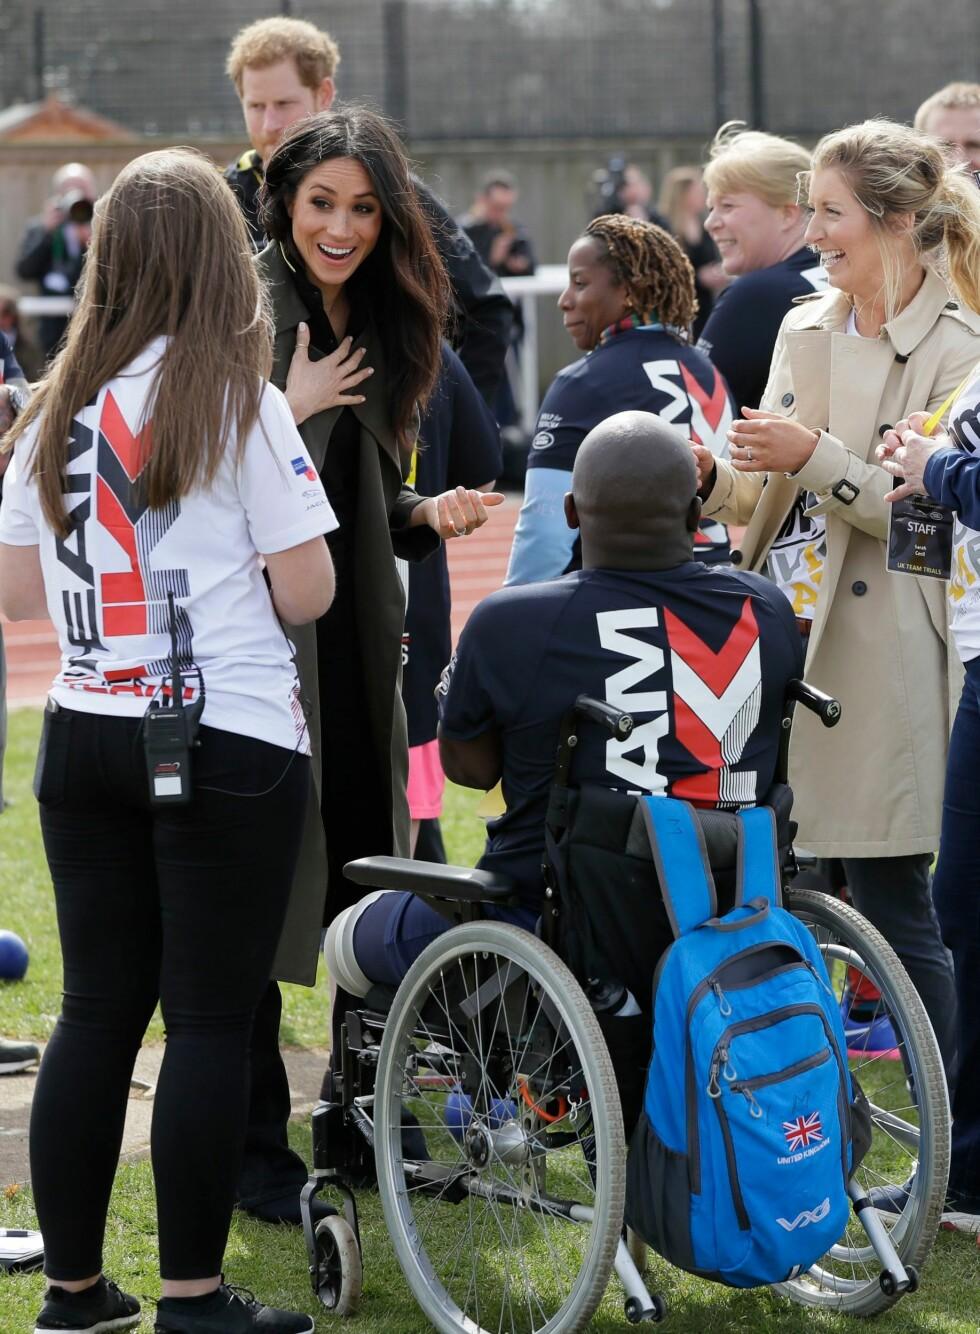 <strong>ENGASJERT:</strong> Meghan Markle tok seg tid til å snakke med en deltaker under et event i april. Deltakerne forberedte seg til Invictus Games Sydney 2018. FOTO: NTB Scanpix